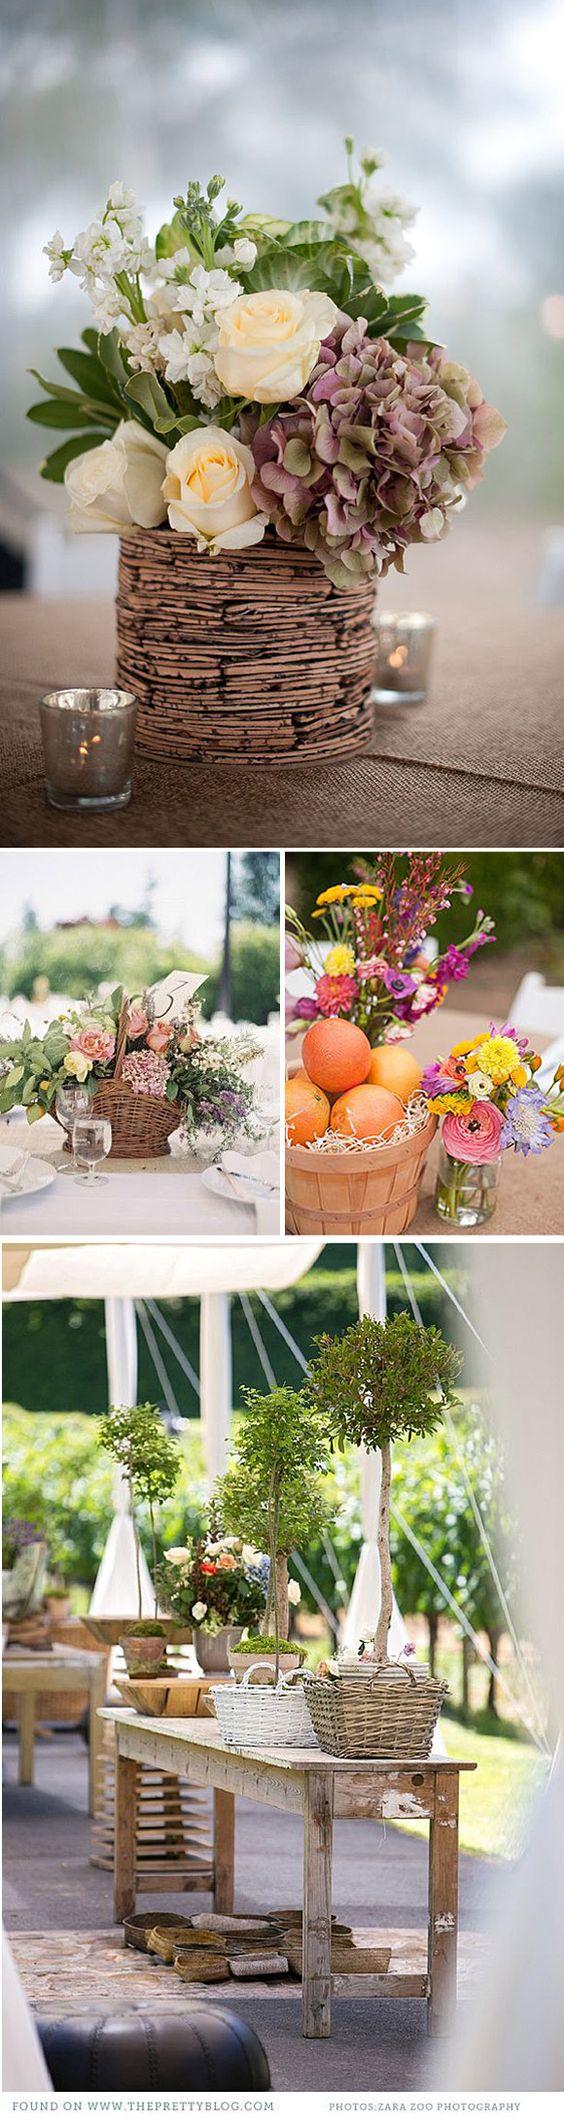 Cestas ideas para decorar bodas y fiestas en el campo - Decorar mesas para fiestas ...